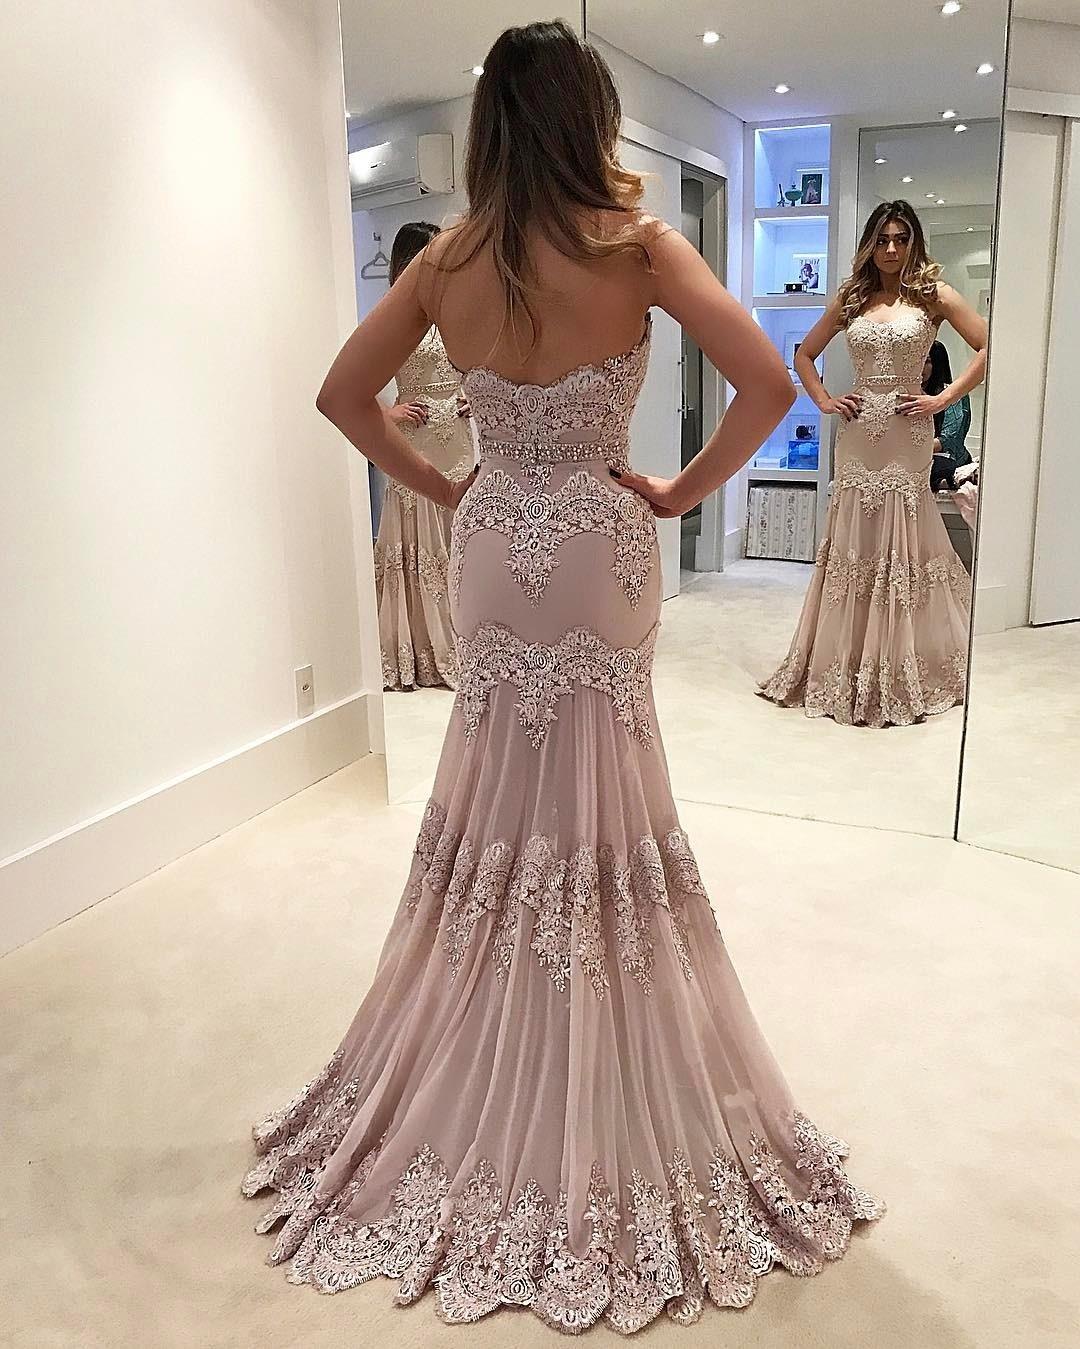 17 Schön Abendkleid Kaufen Günstig GalerieAbend Perfekt Abendkleid Kaufen Günstig Boutique